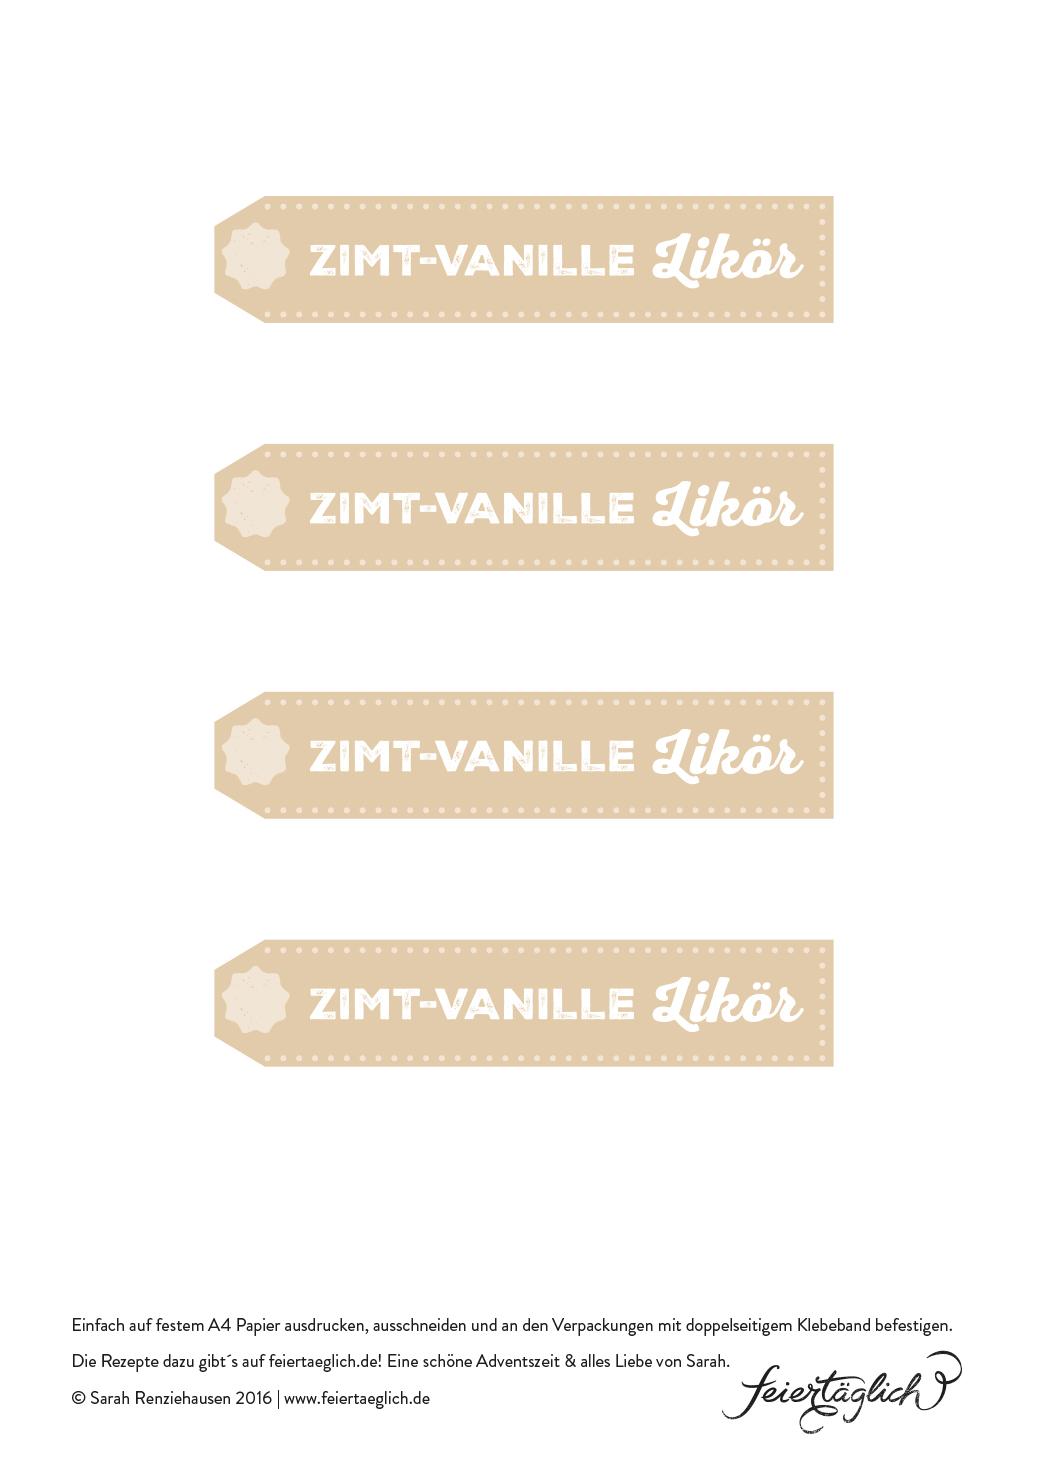 Labels für Zimt-Vanille-Likör, Freies, Free Printables, Geschenke aus der Küche